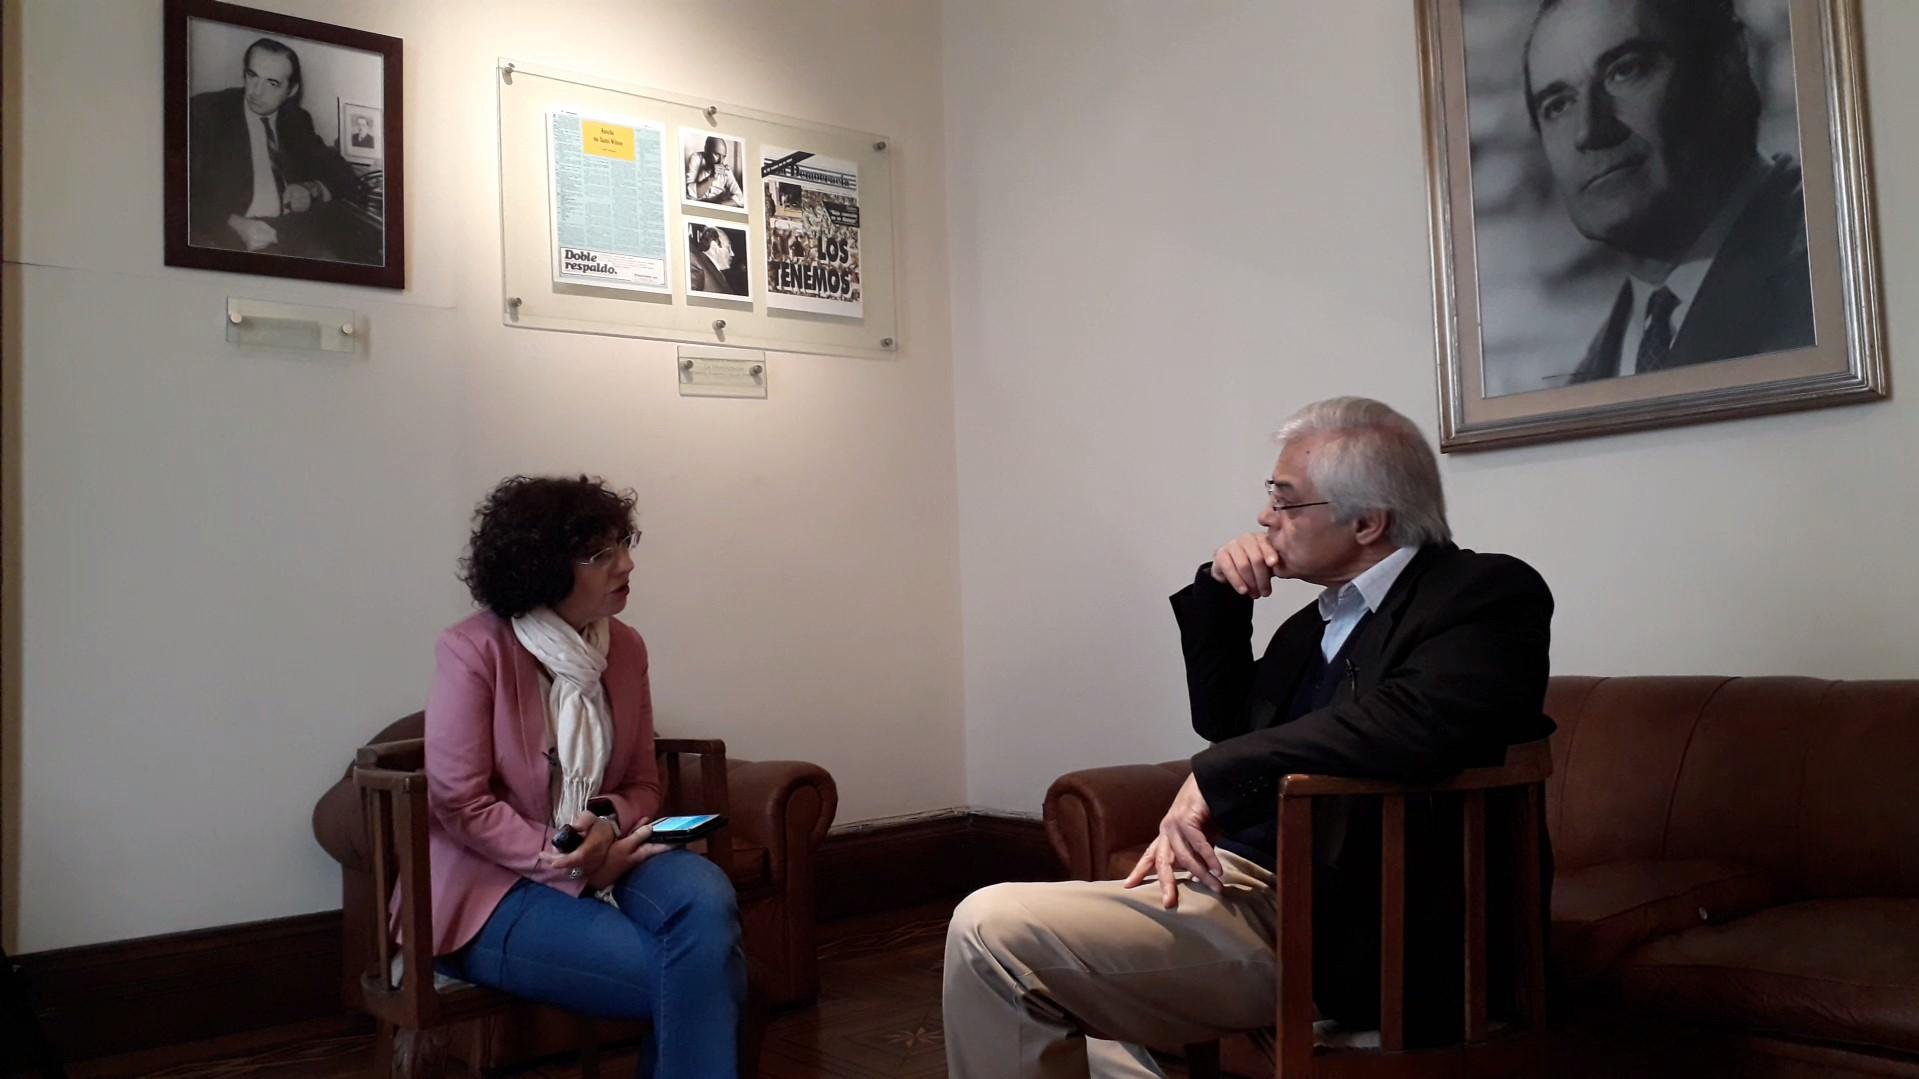 Ana María Mizrahi conversando con Gonzalo Mujica, ex diputado del Frente Amplio. Foto: Carlos Loría - LARED21